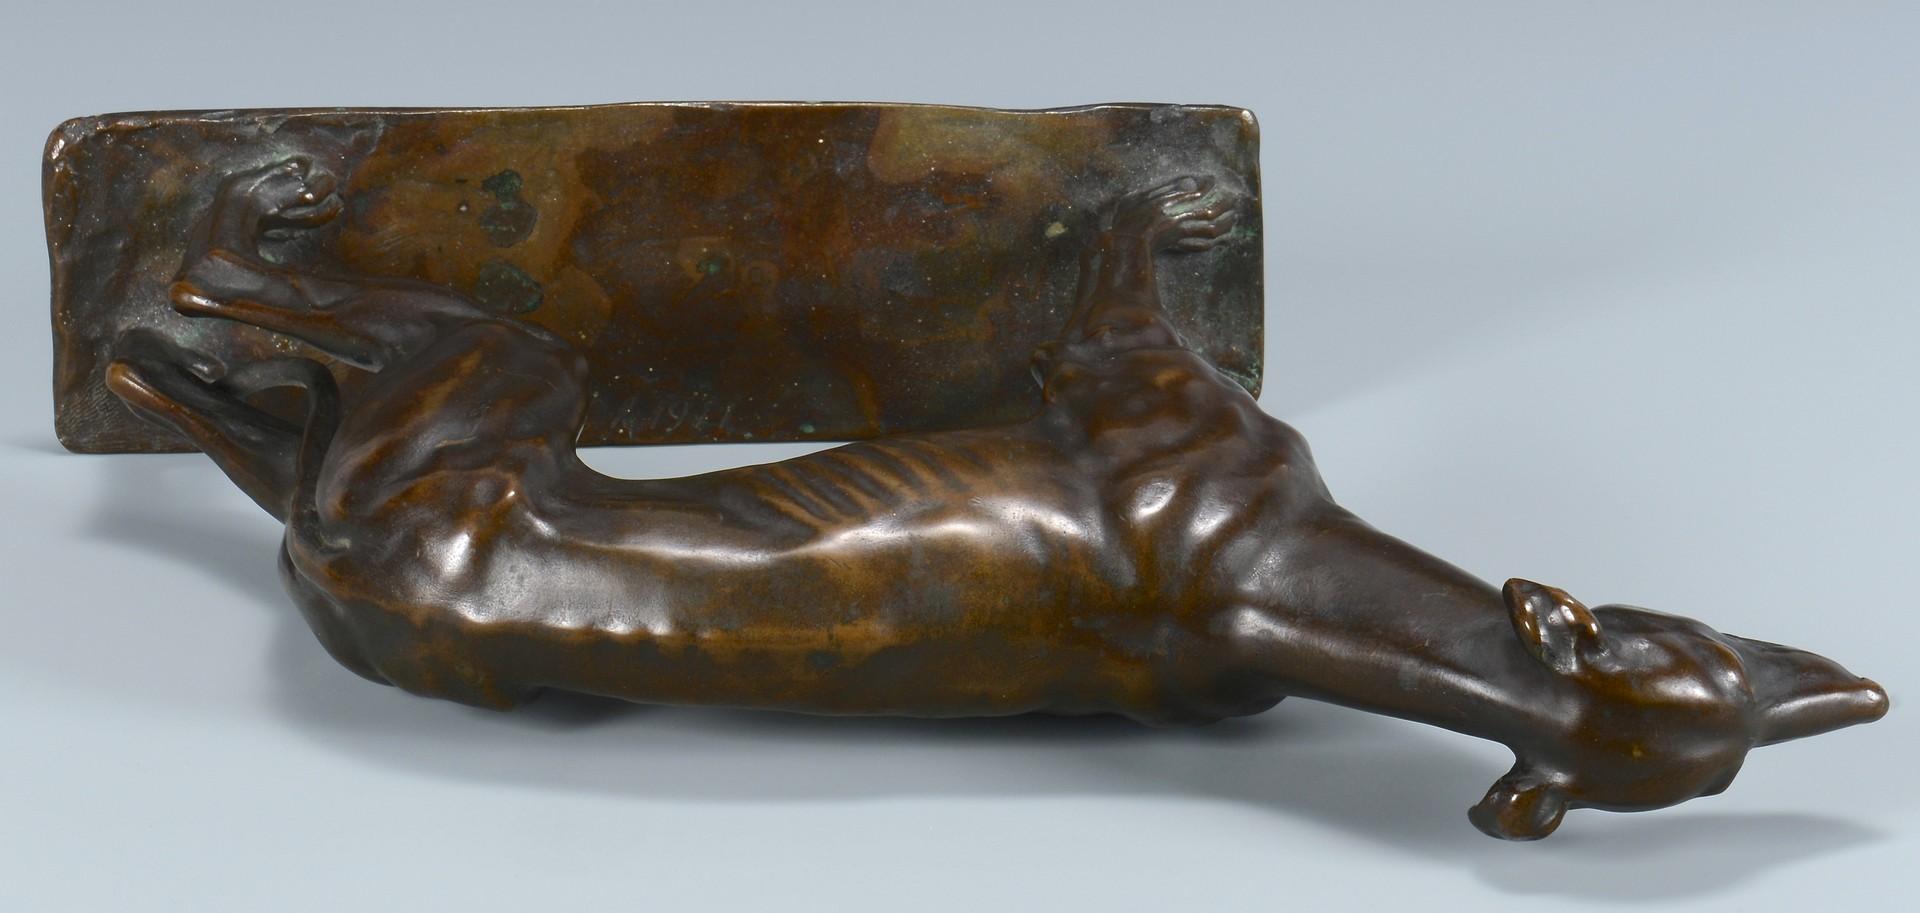 Lot 223: Bronze of Greyhound Dog, Austrian